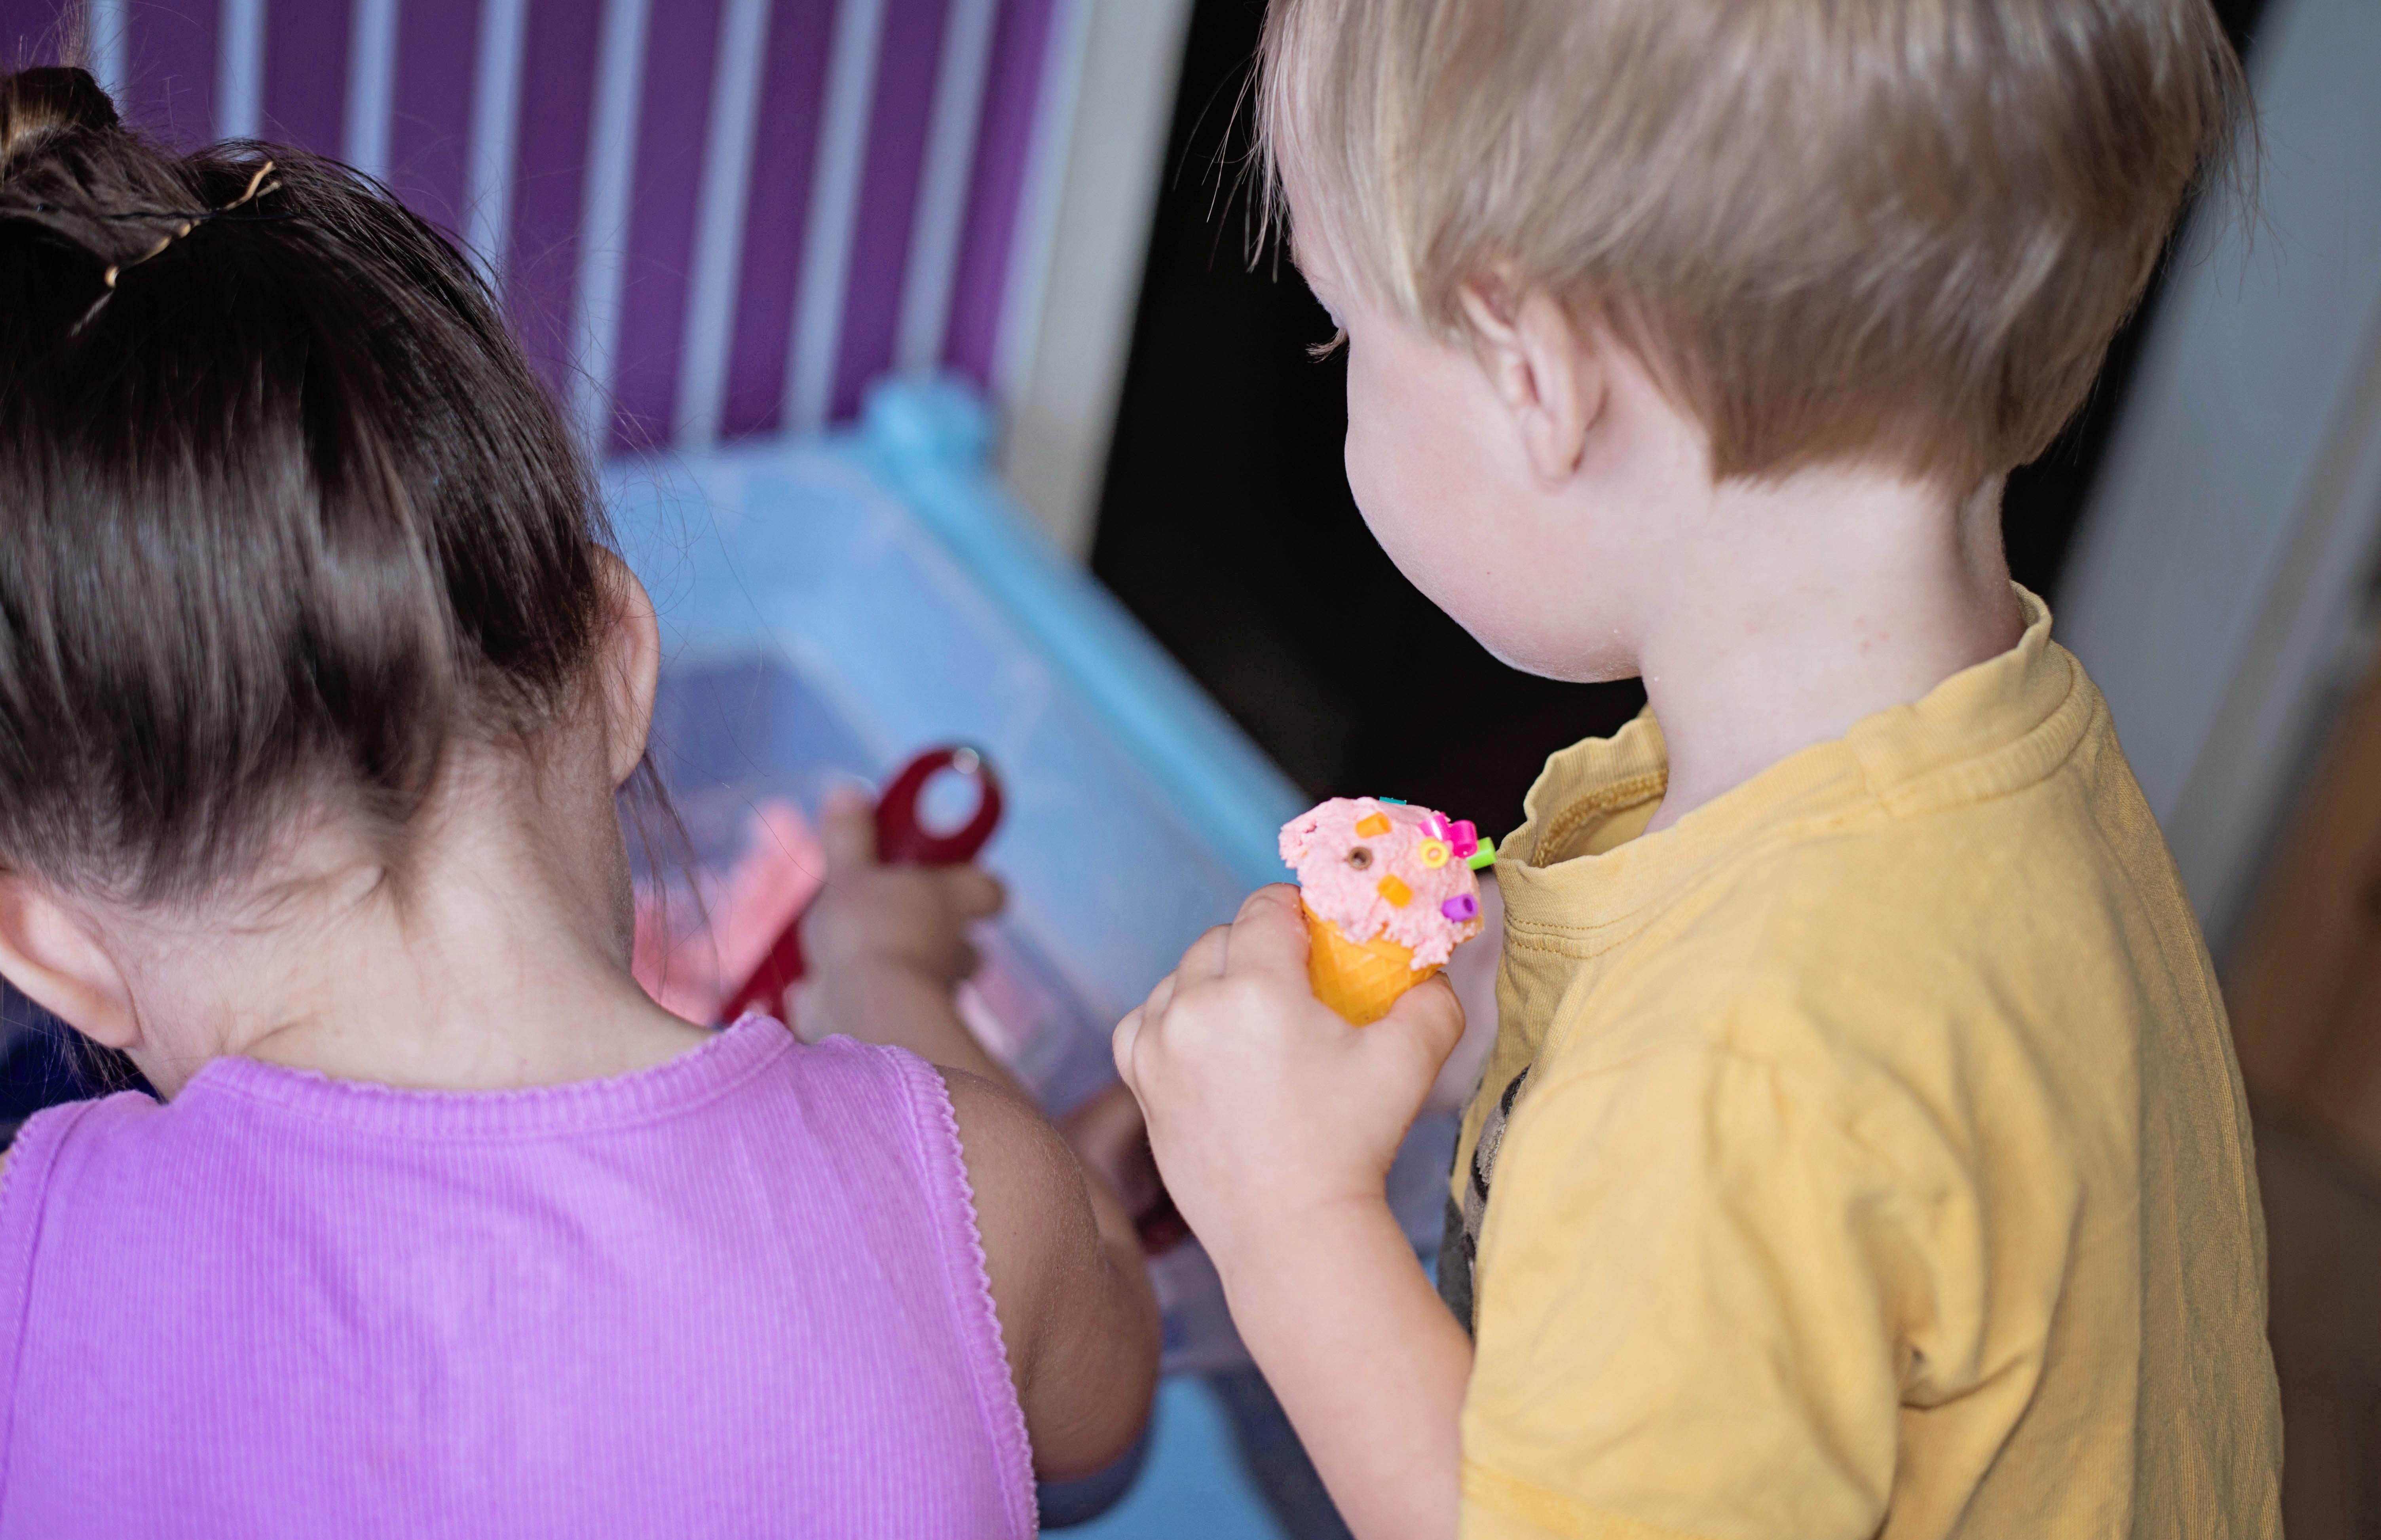 Babes in Deutschland, Ice Cream Dough